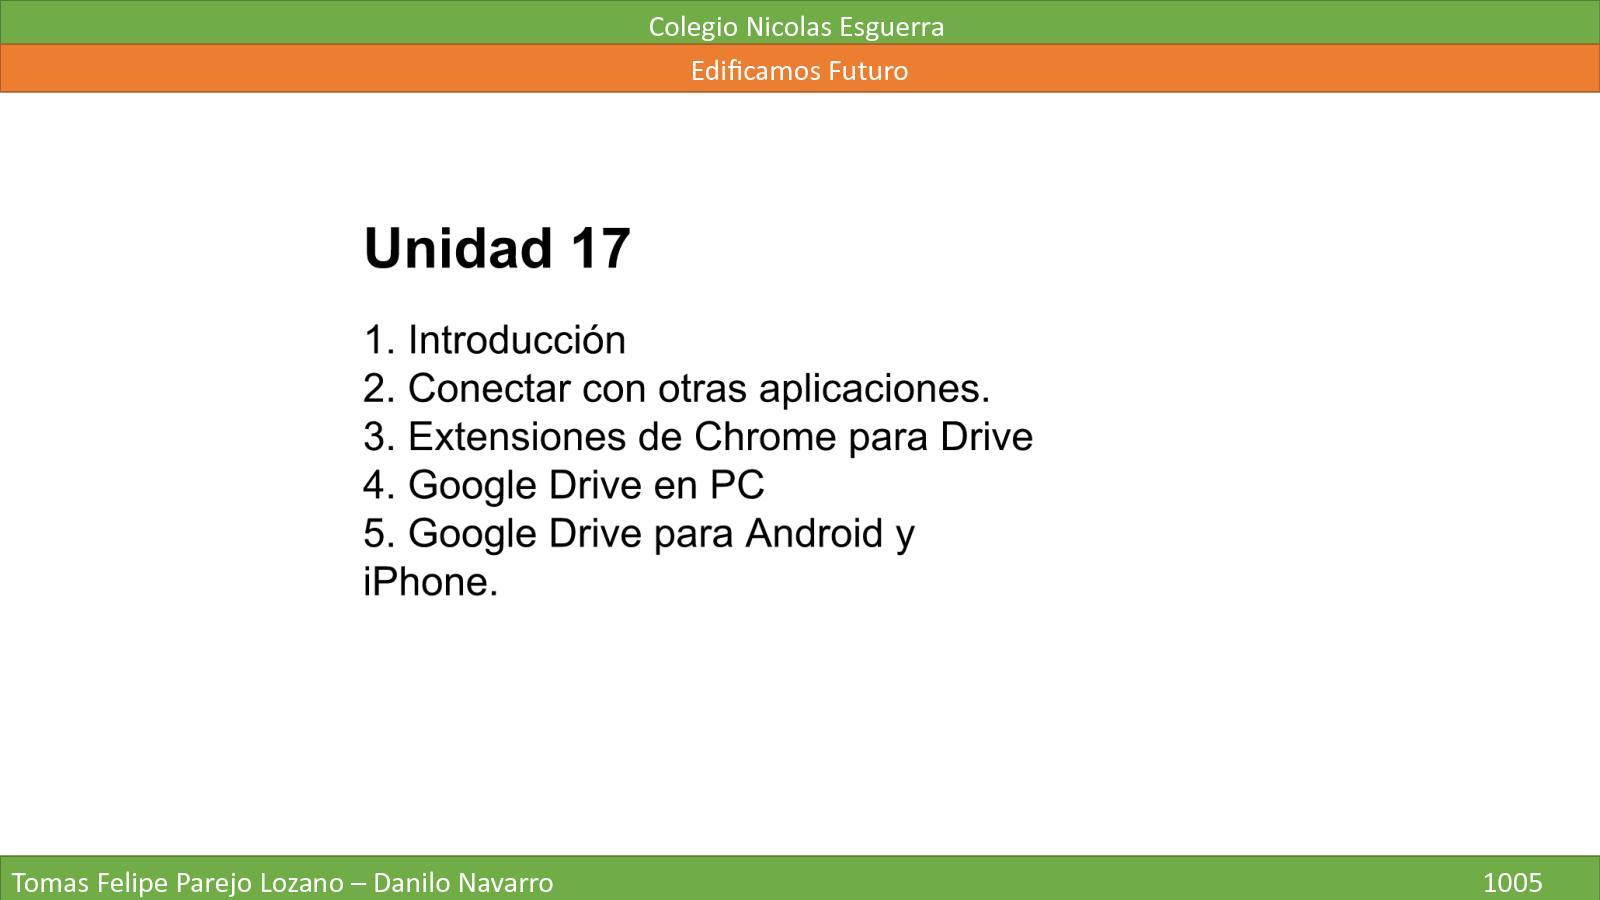 Unidad 17